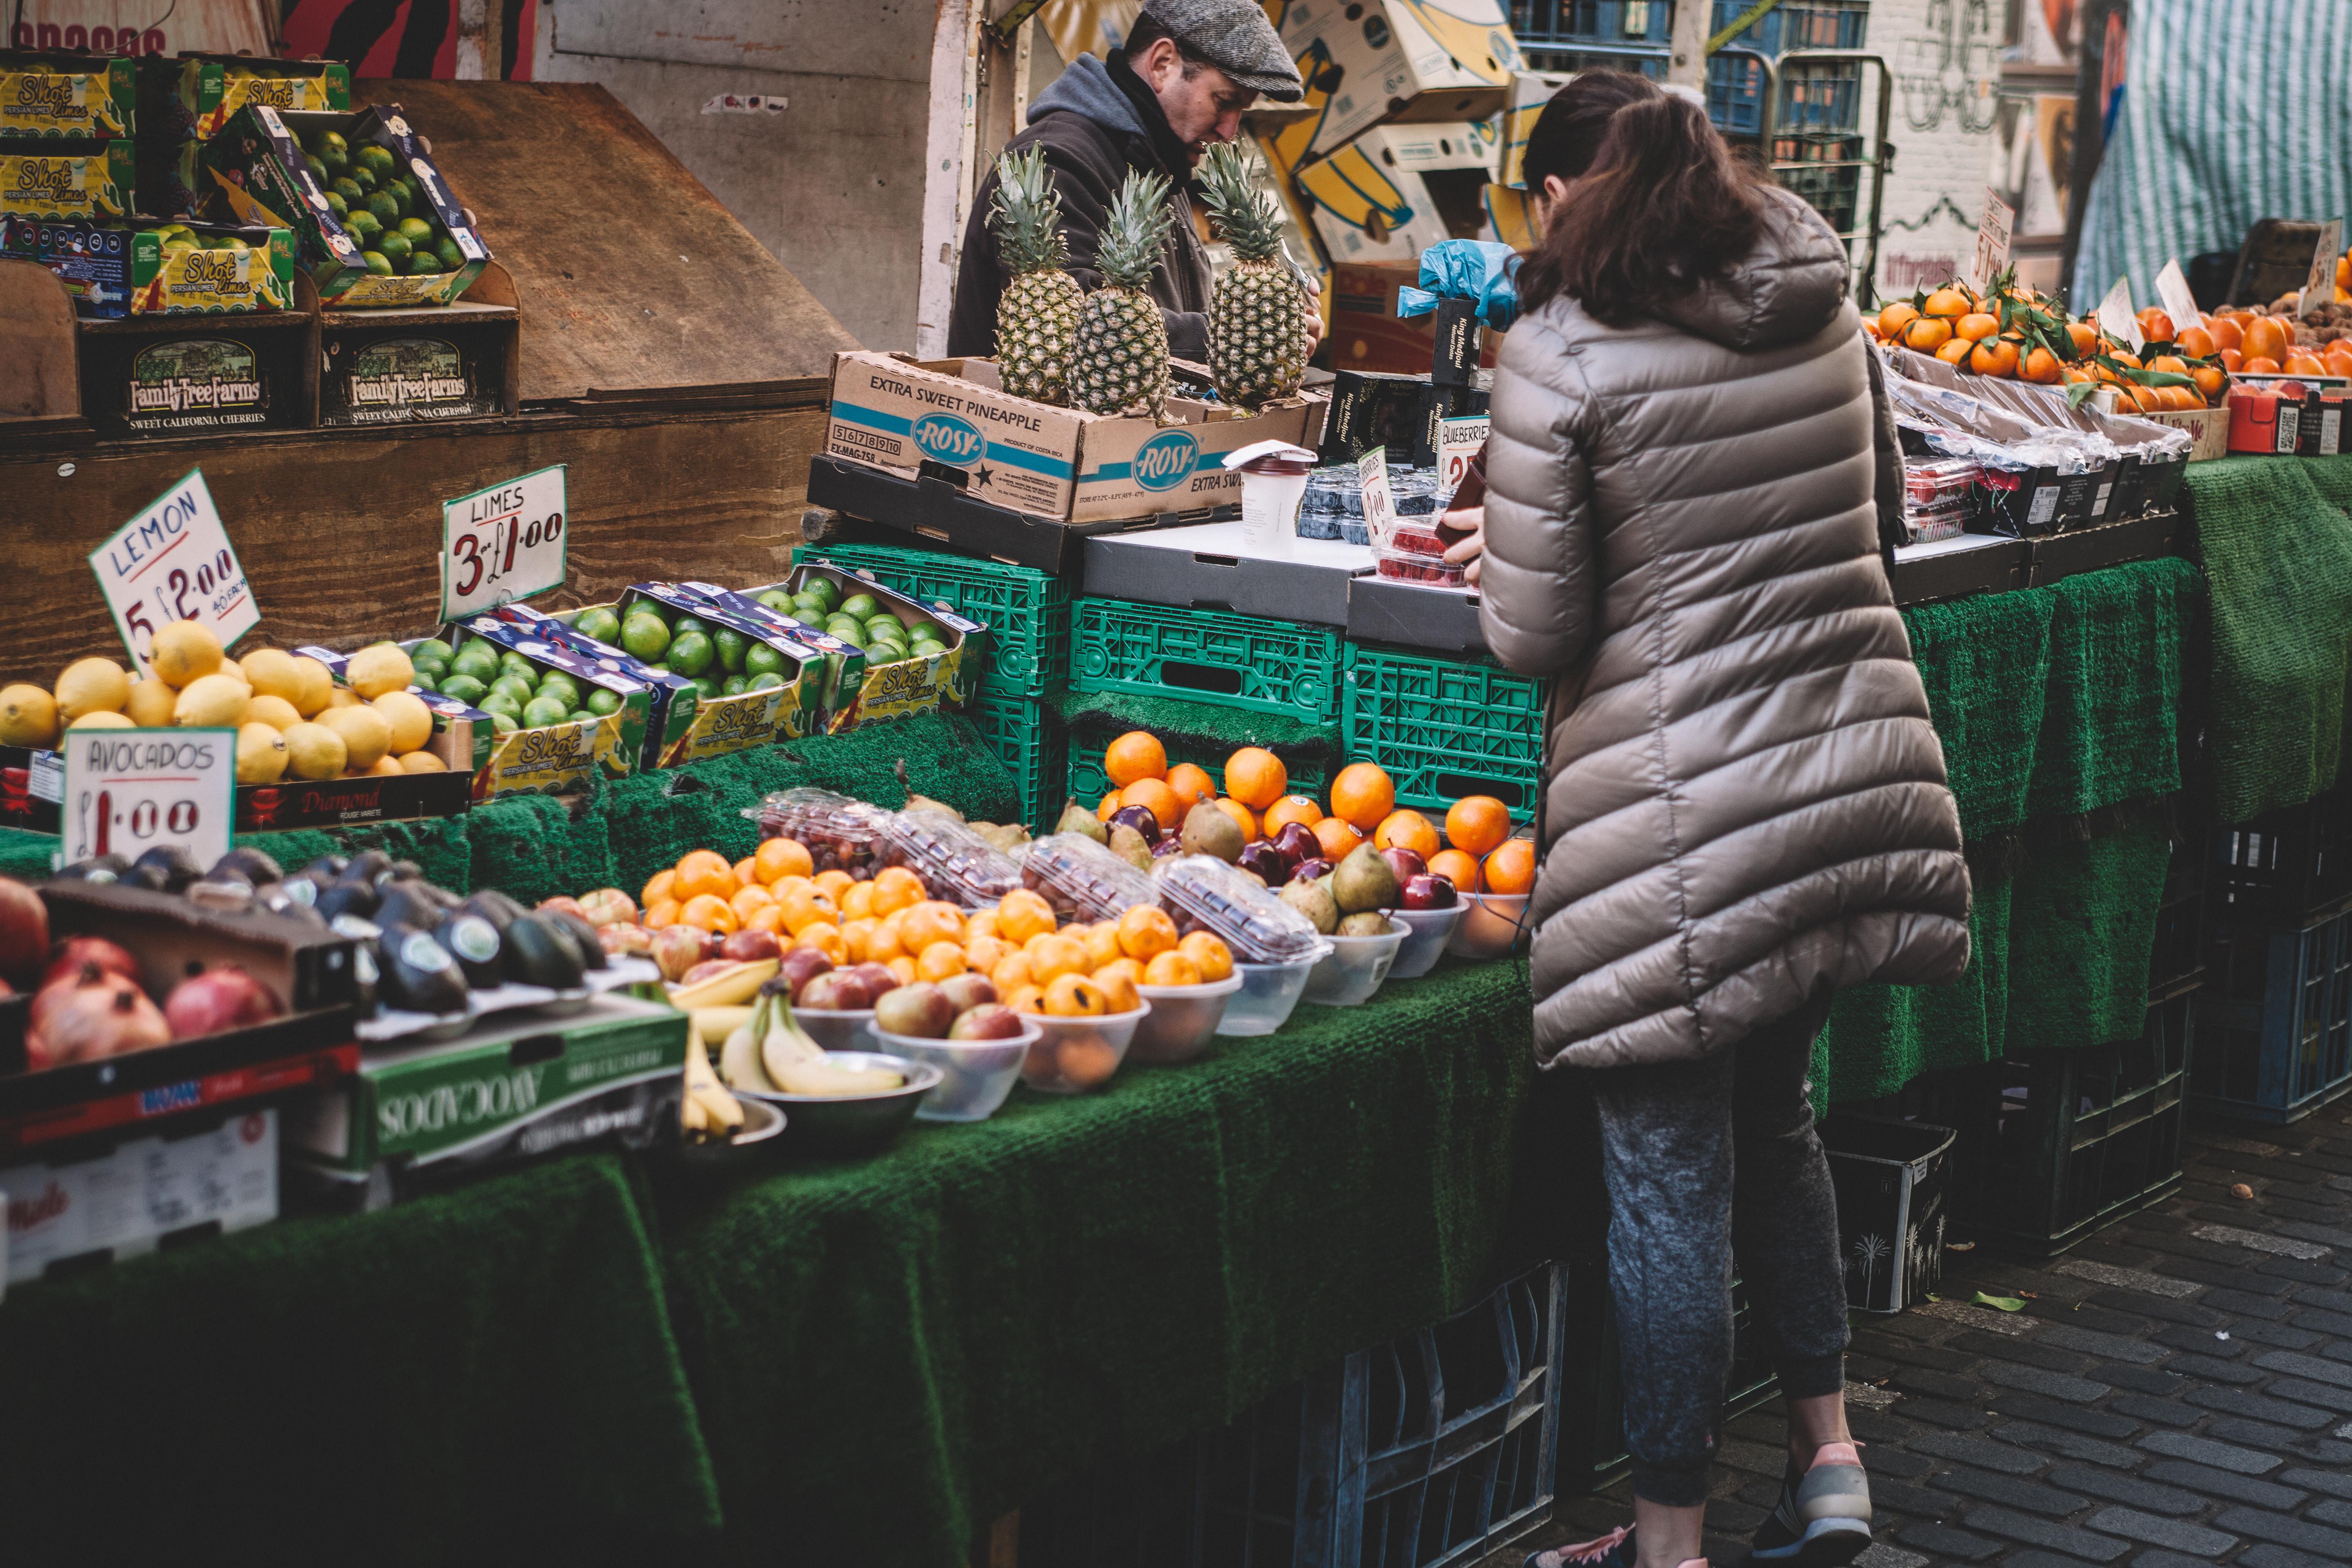 kvinne kjøper grønt.jpeg